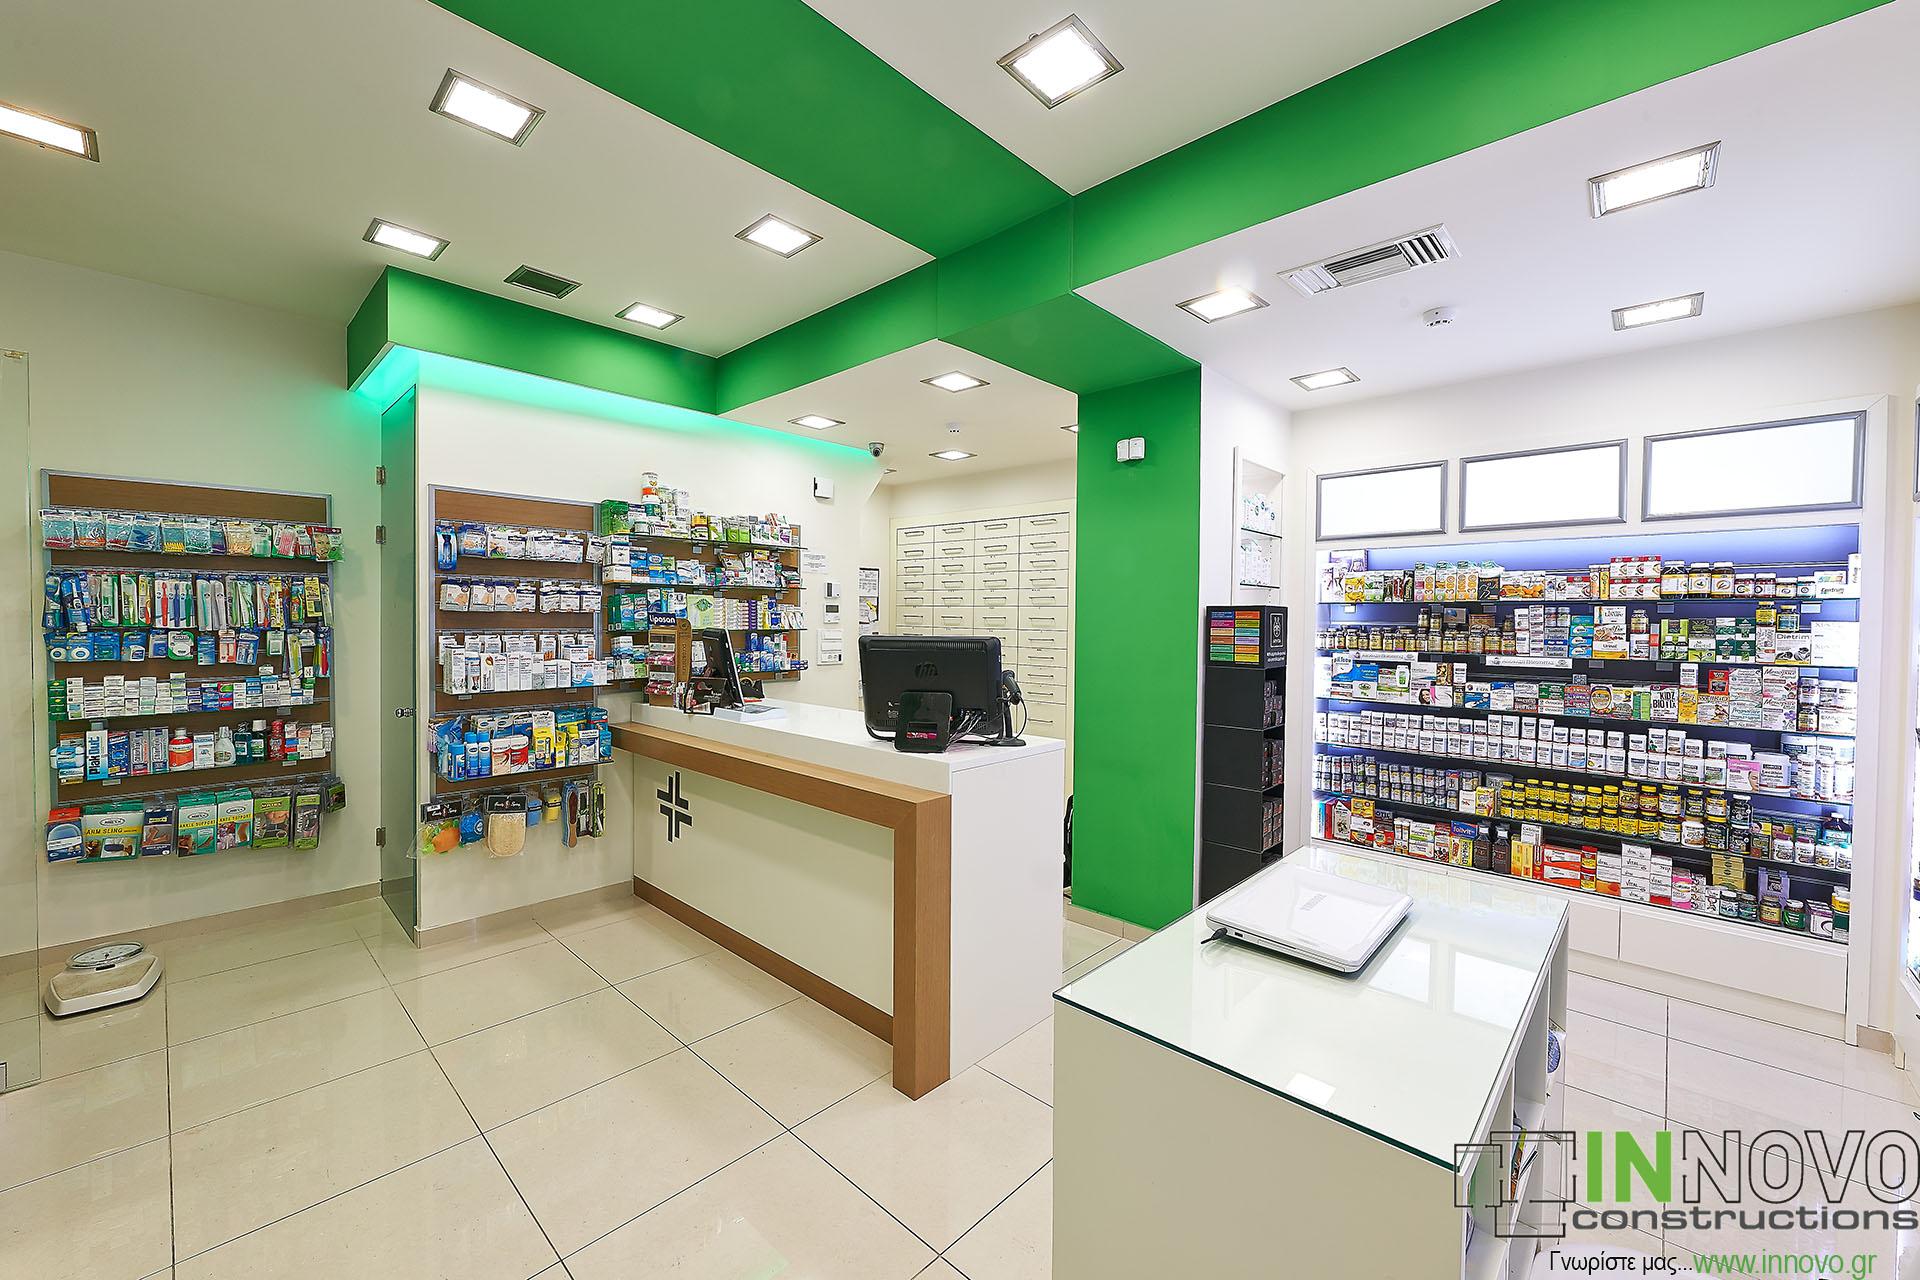 Φαρμακείων κατασκευές περιοχή Κολωνάκι